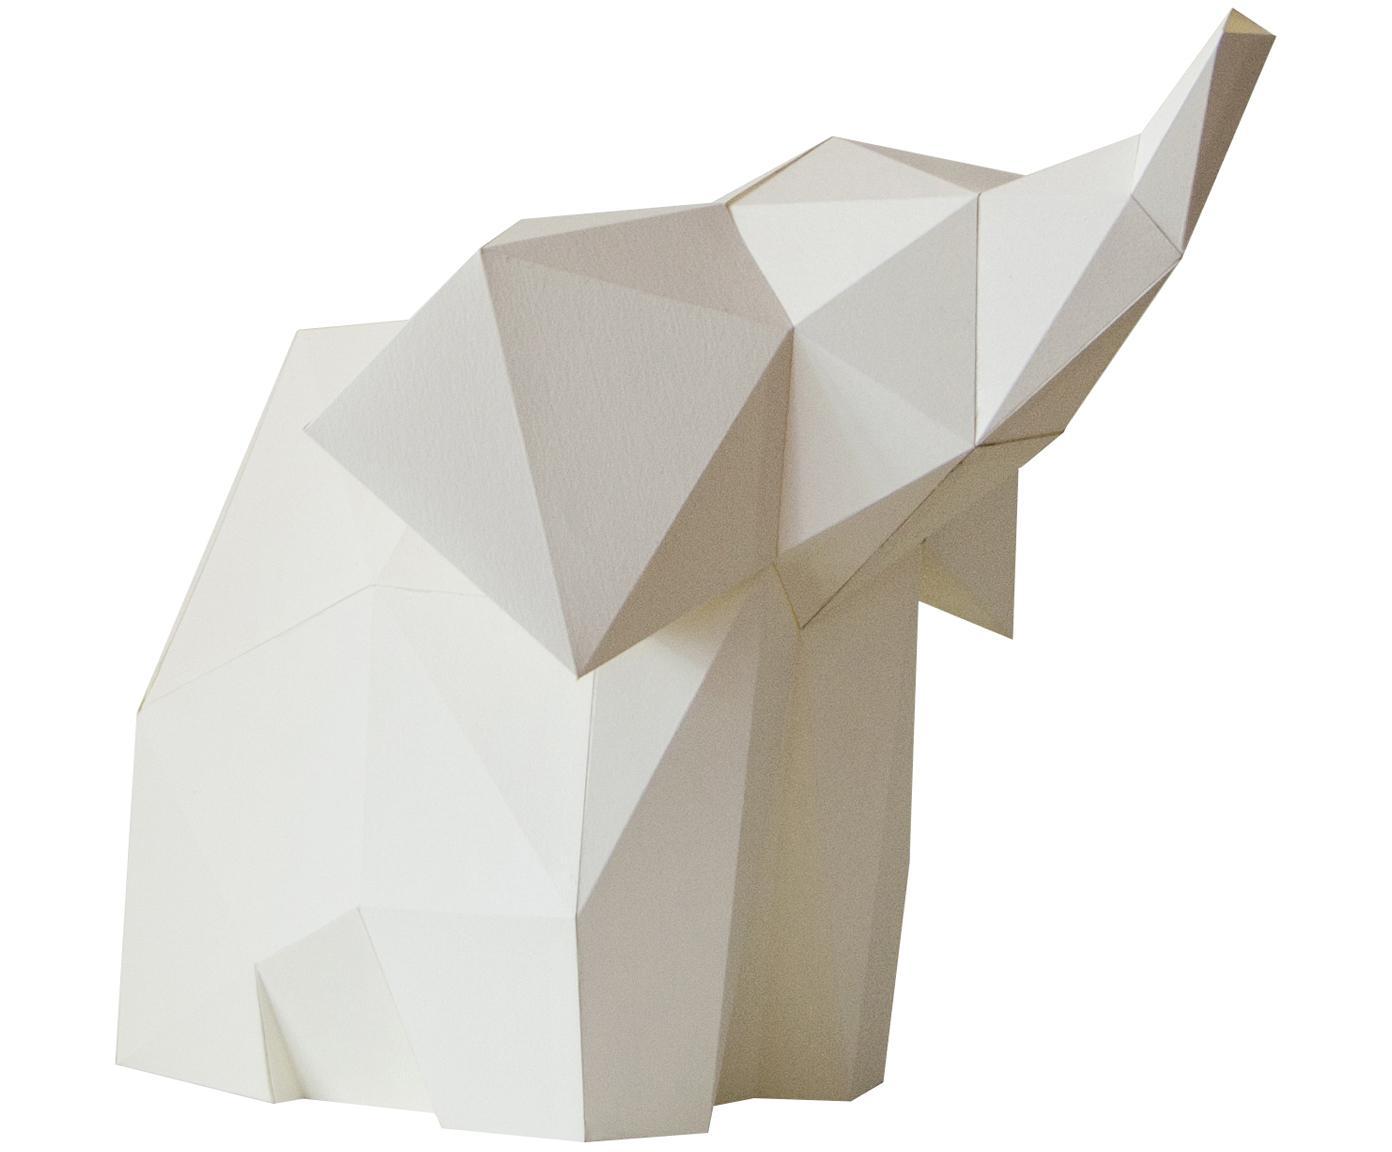 Tischleuchte Baby Elephant, Bausatz aus Papier, Lampenschirm: Papier, 160 g/m², Sockel: Holzfaserplatte und Kunst, Weiss, 23 x 24 cm